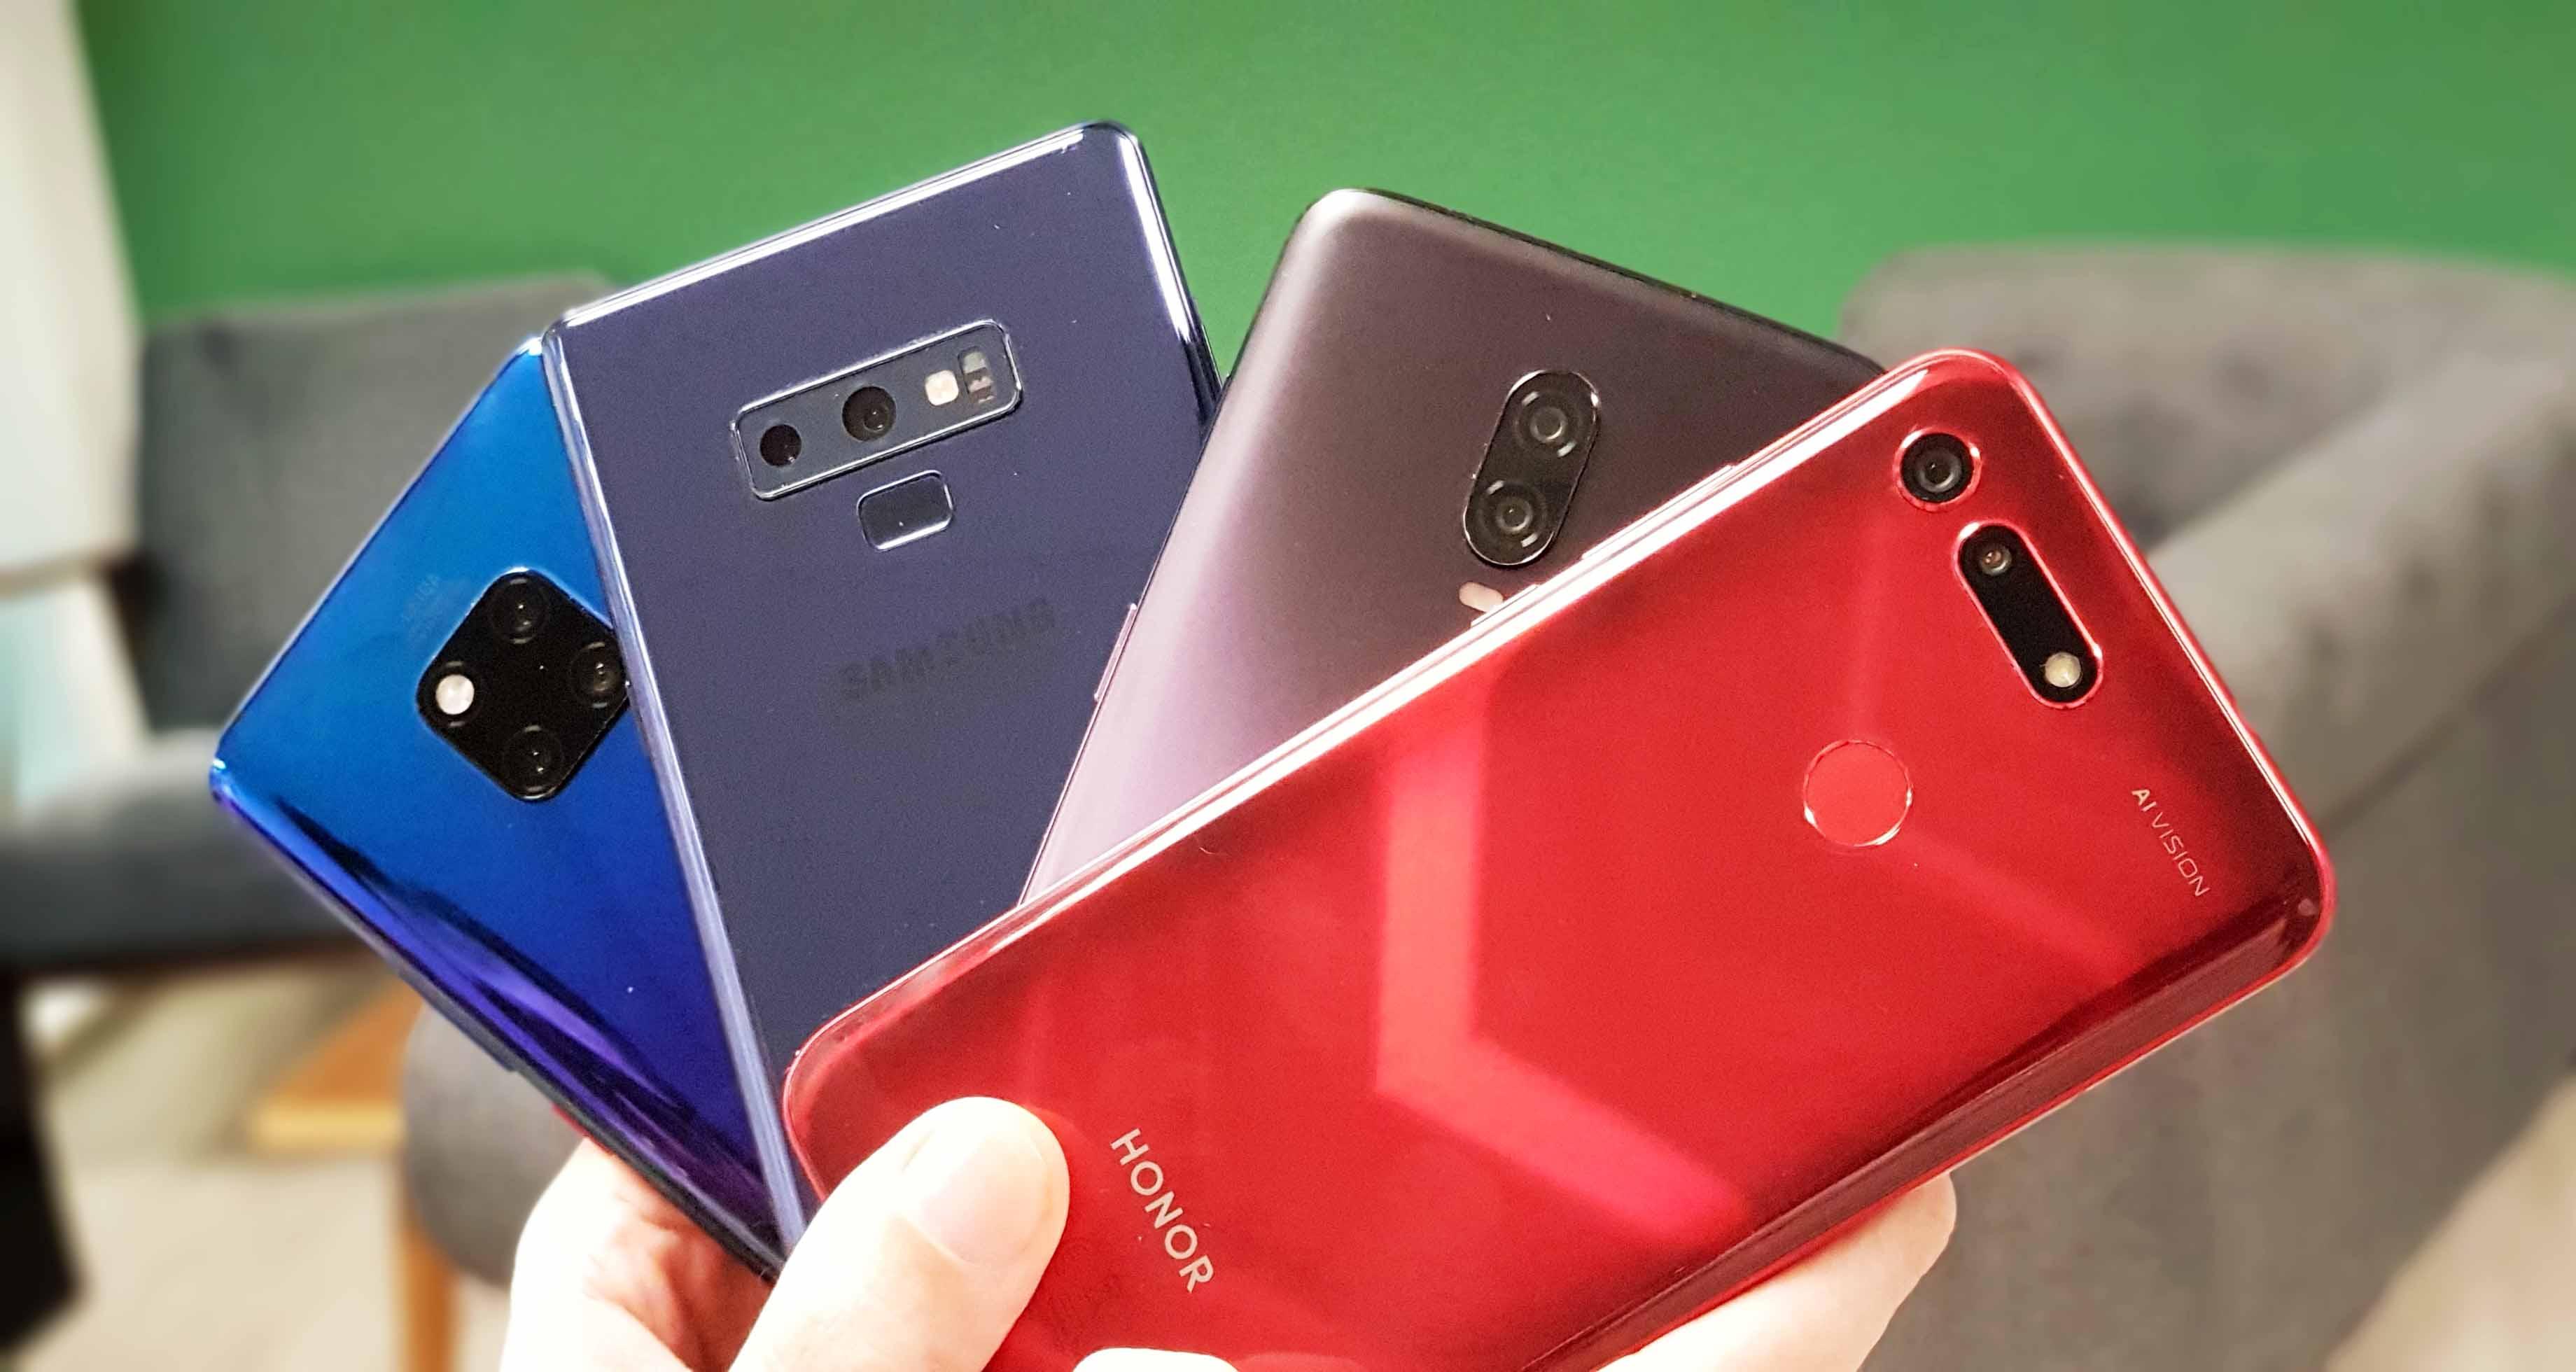 Les mauvais smartphones existent-ils encore aujourd'hui?